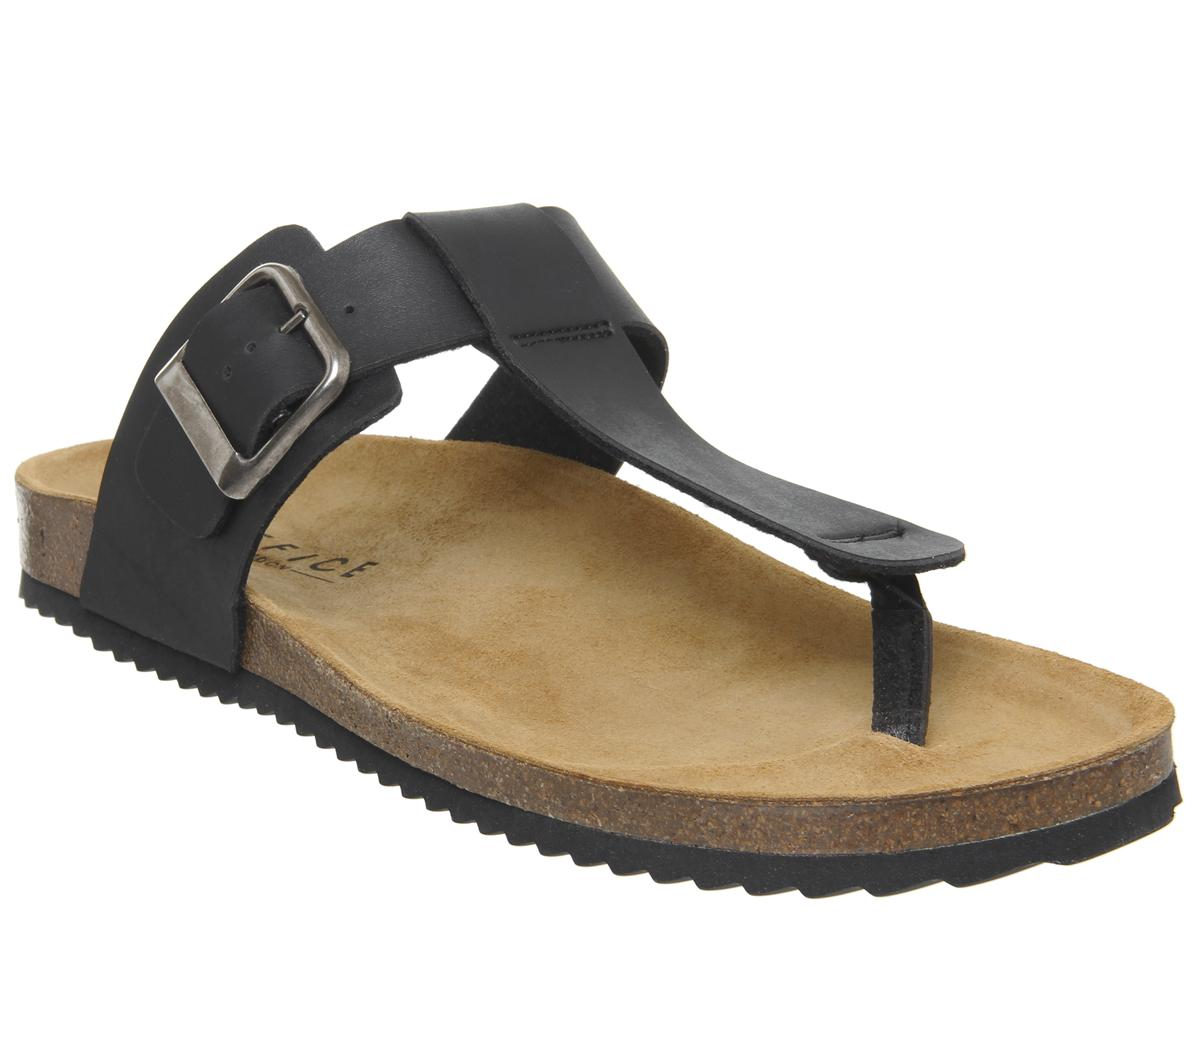 Laos Toe Post Sandals